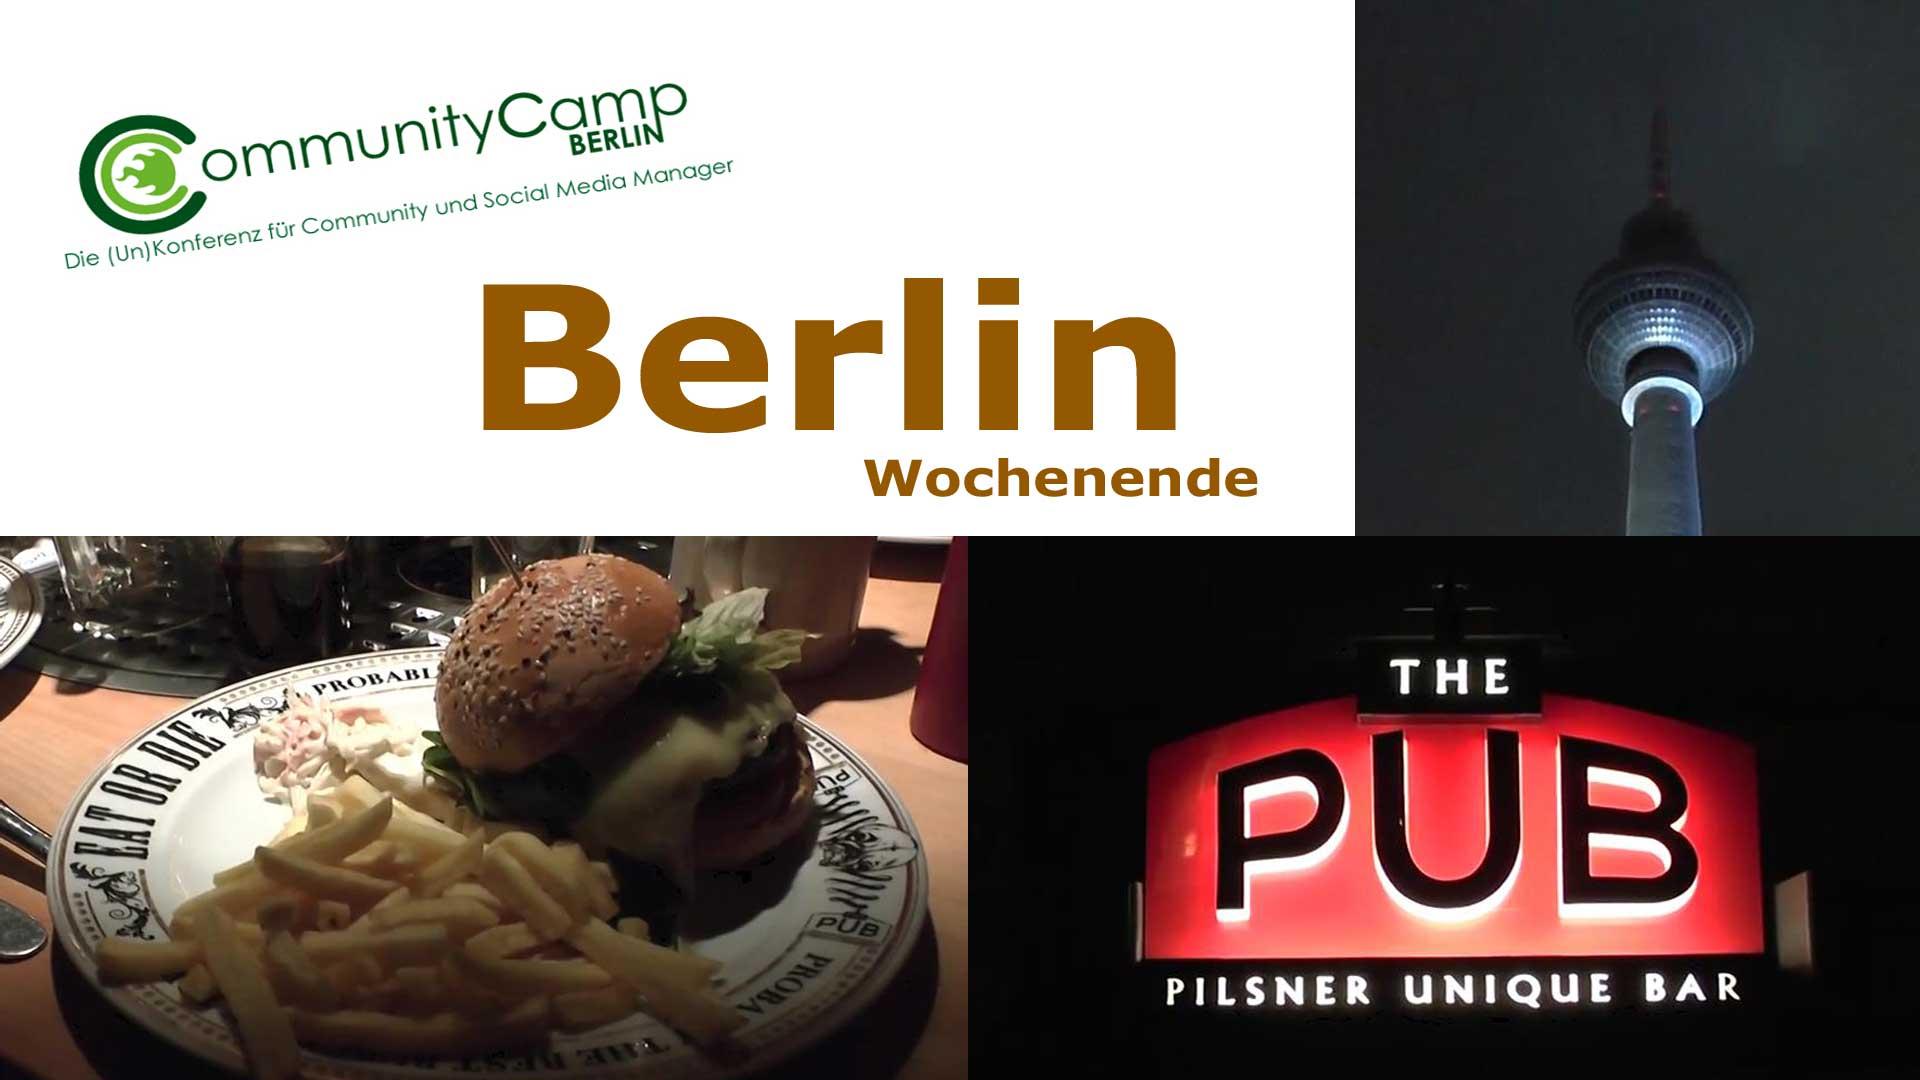 Wochenende in Berlin Thumbnail